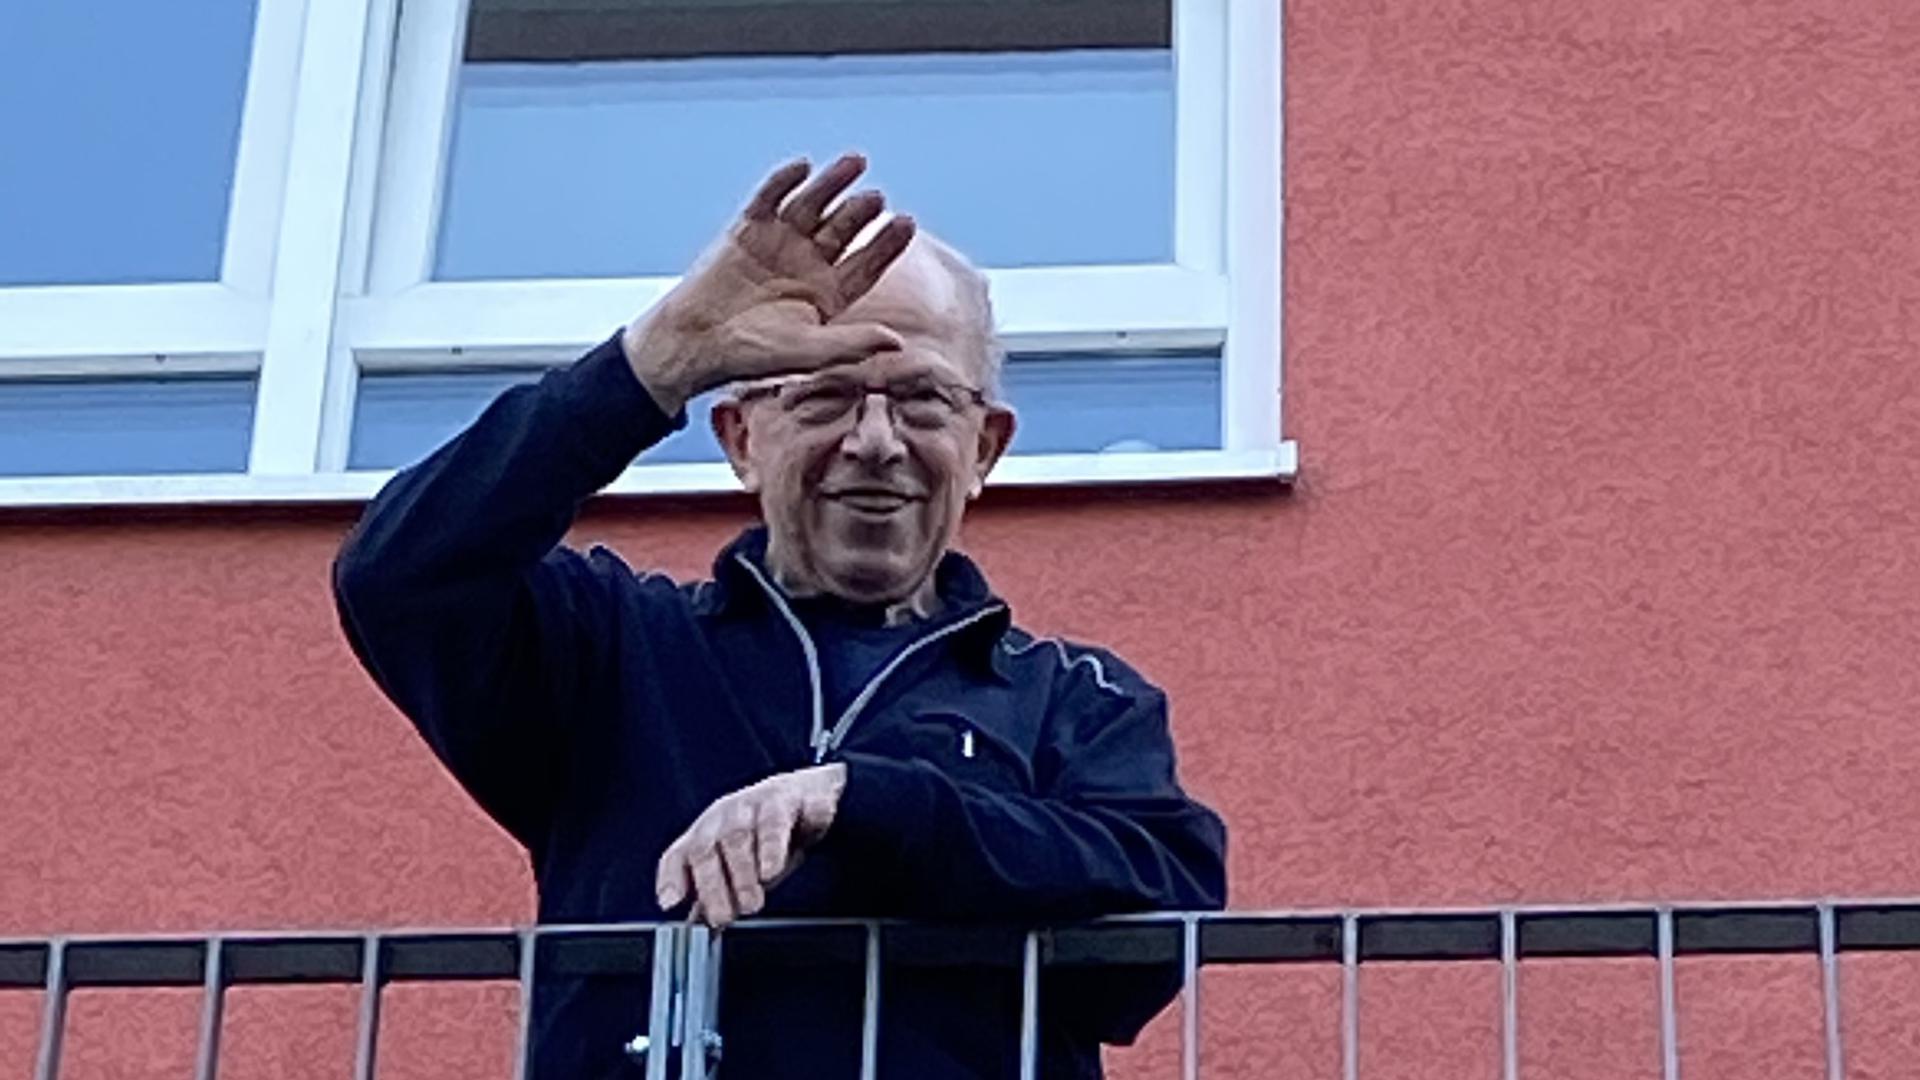 Winken statt umarmen: Franz Wenz lebt im Pflegeheim, das unter Quarantäne steht, und kann an seinem 60. Hochzeitstag seiner Frau Heide nur vom Balkon aus zuwinken.